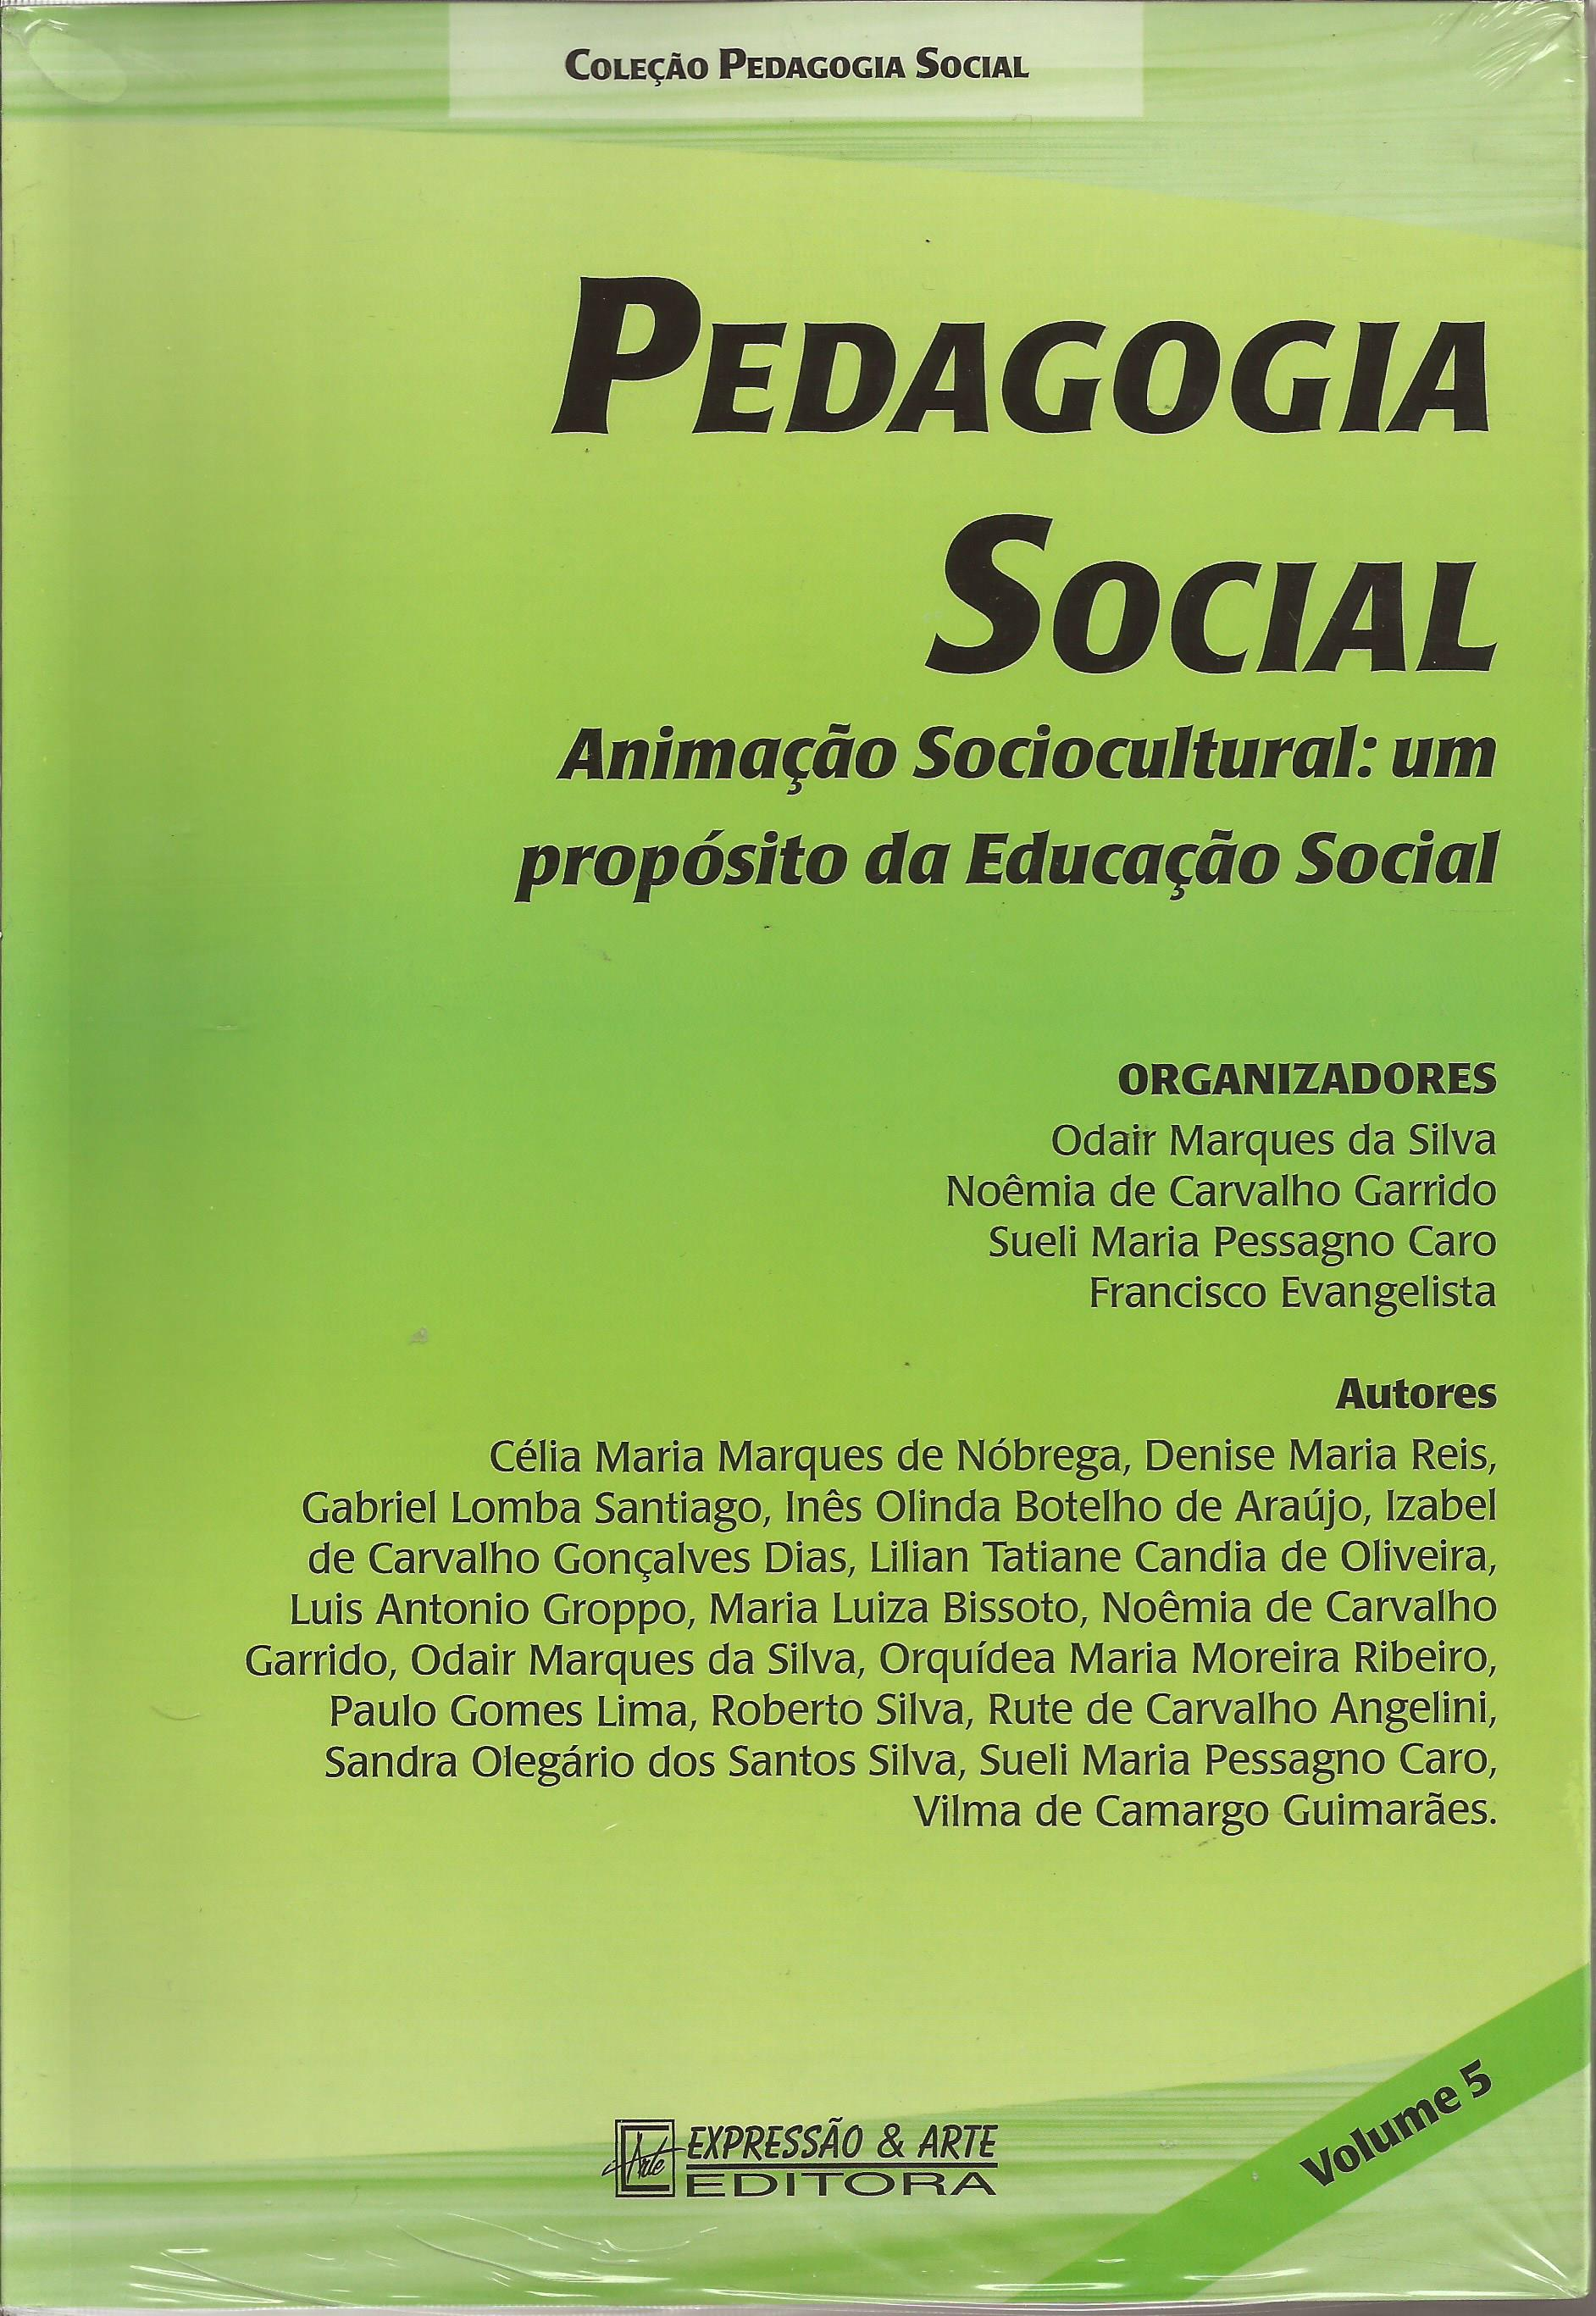 Pedagogia Social – Animação Sociocultural: um propósito da Educação Social